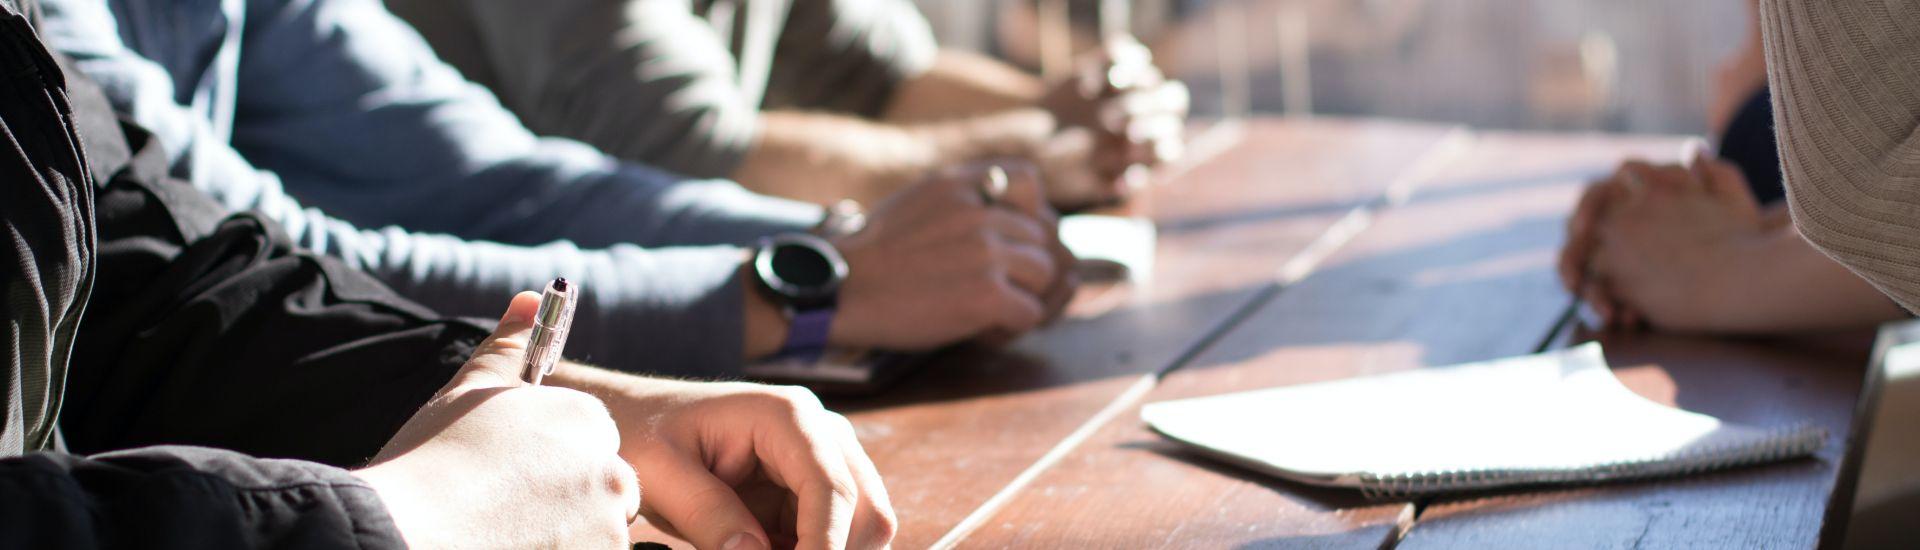 Menschen sitzen aneinem Tisch und machen sich Notizen.